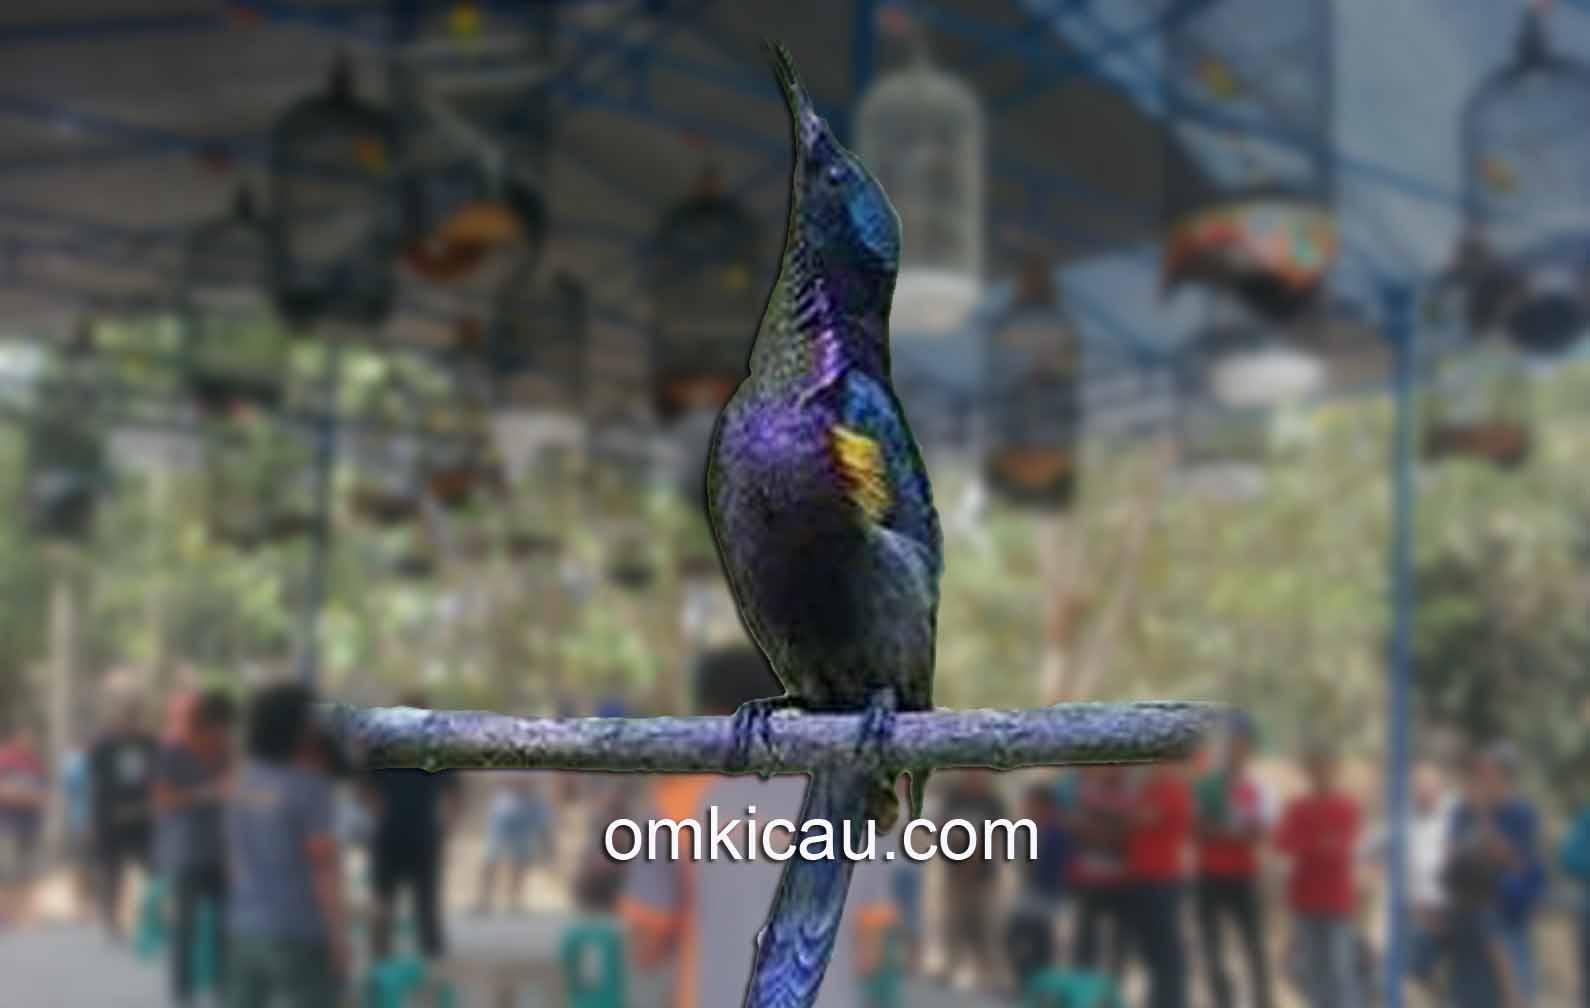 Perawatan tepat jadikan kolibri ninja selalu siap lomba